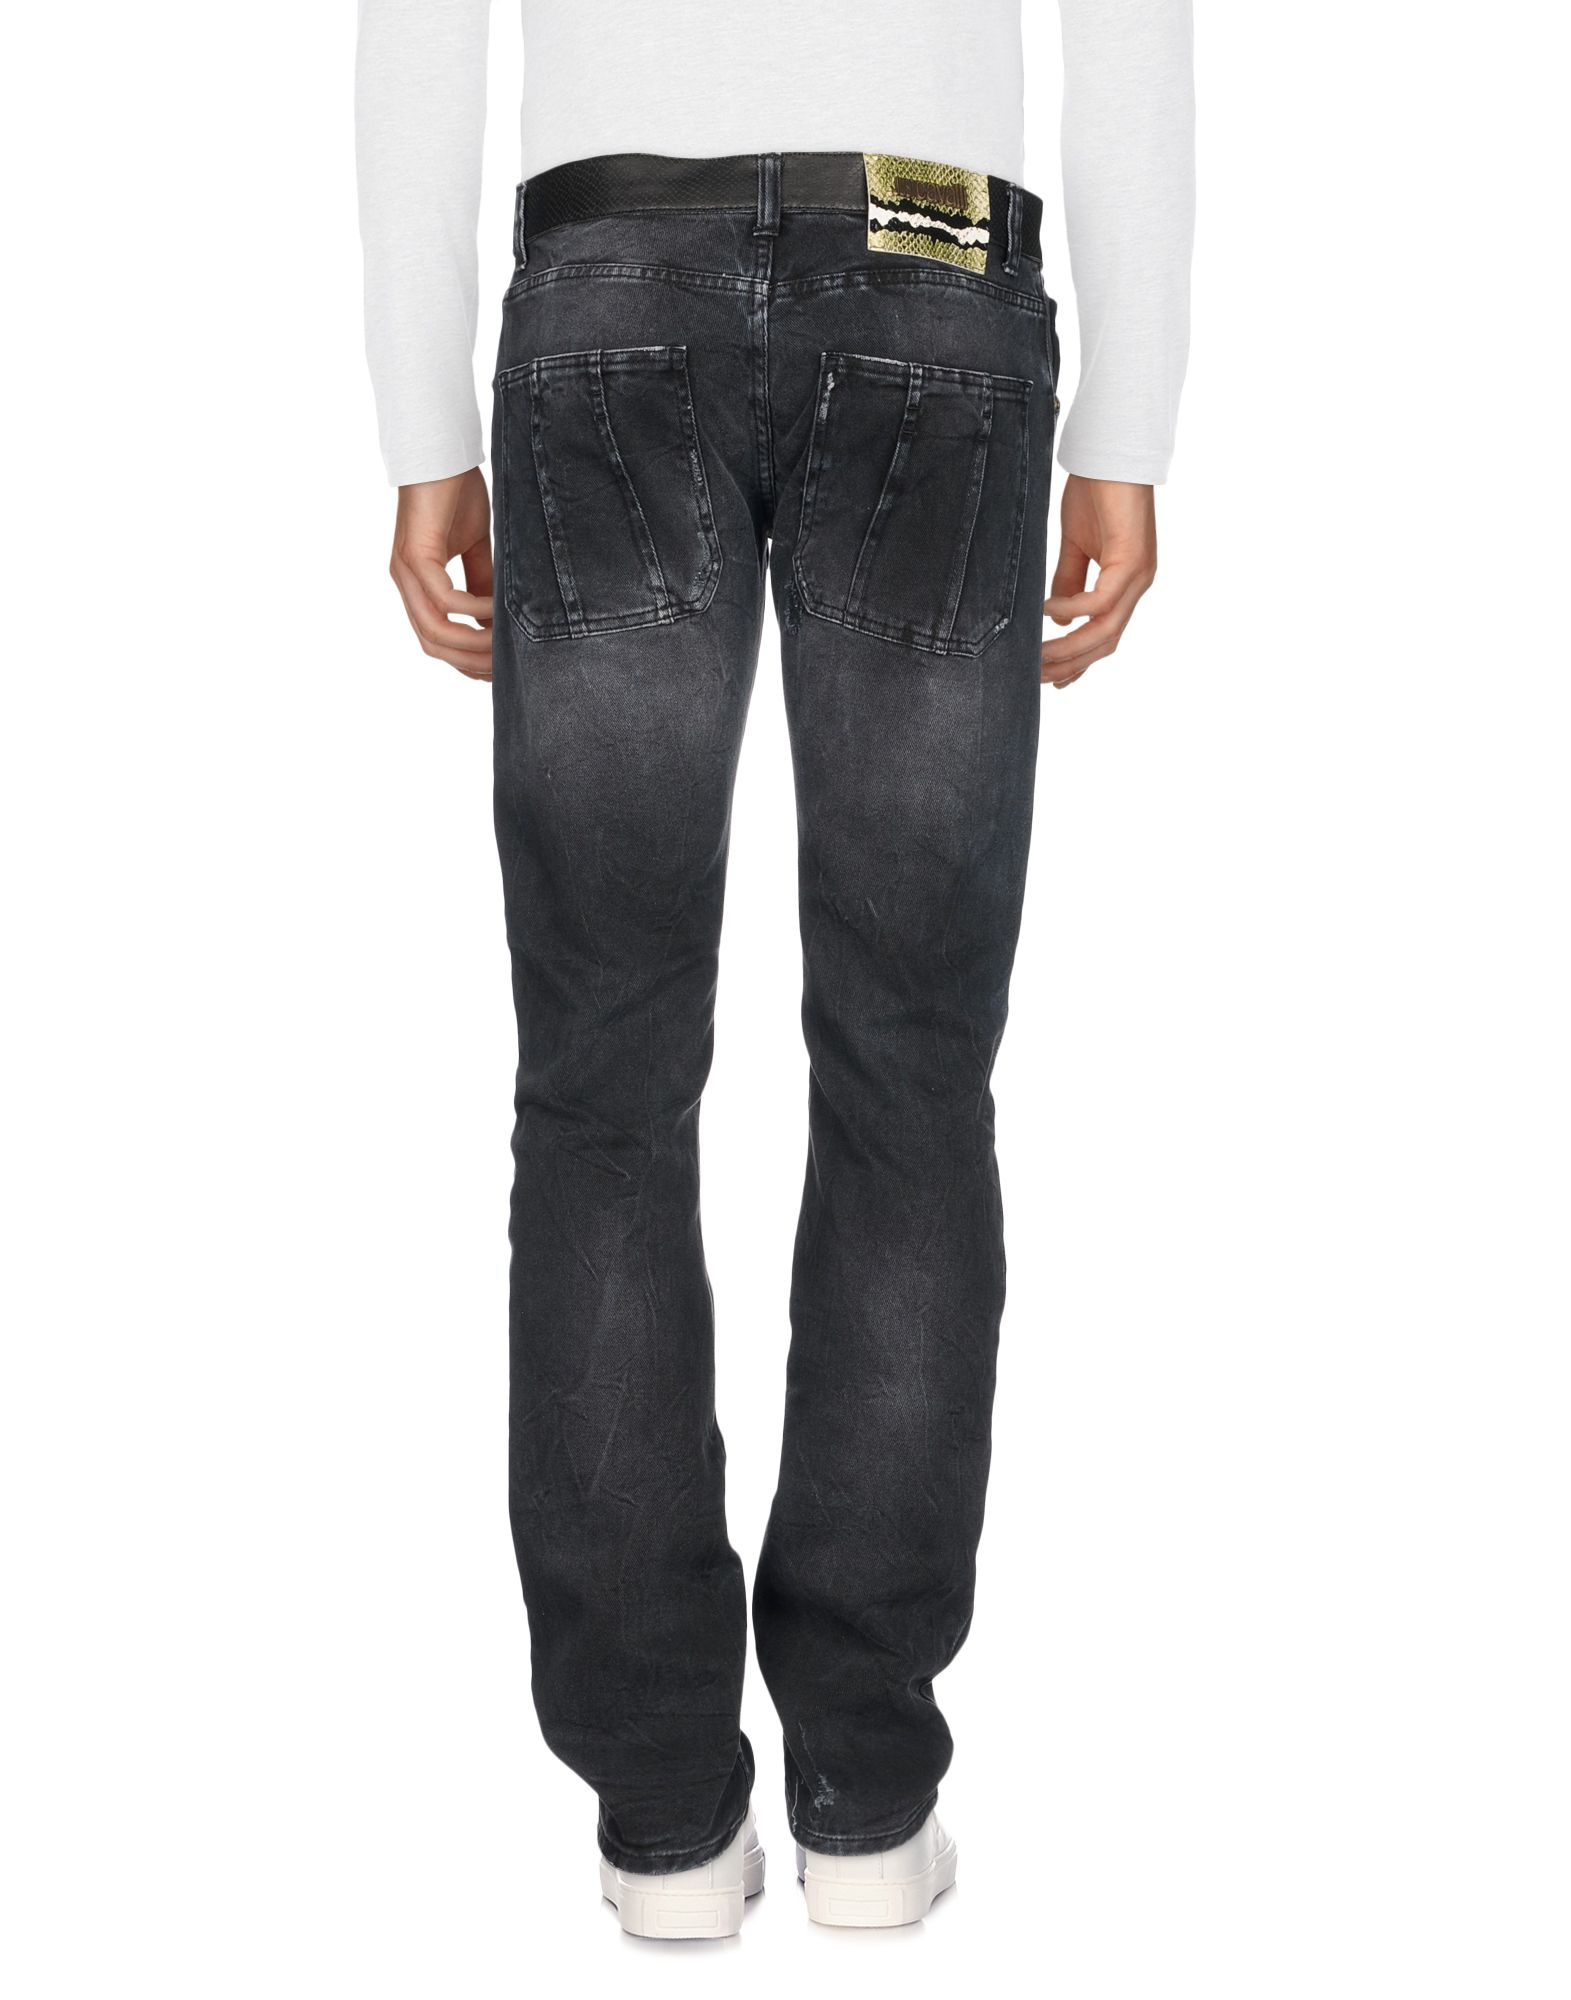 Pantaloni Jeans Just Cavalli - Uomo - Cavalli 42681993UX c6d8c8